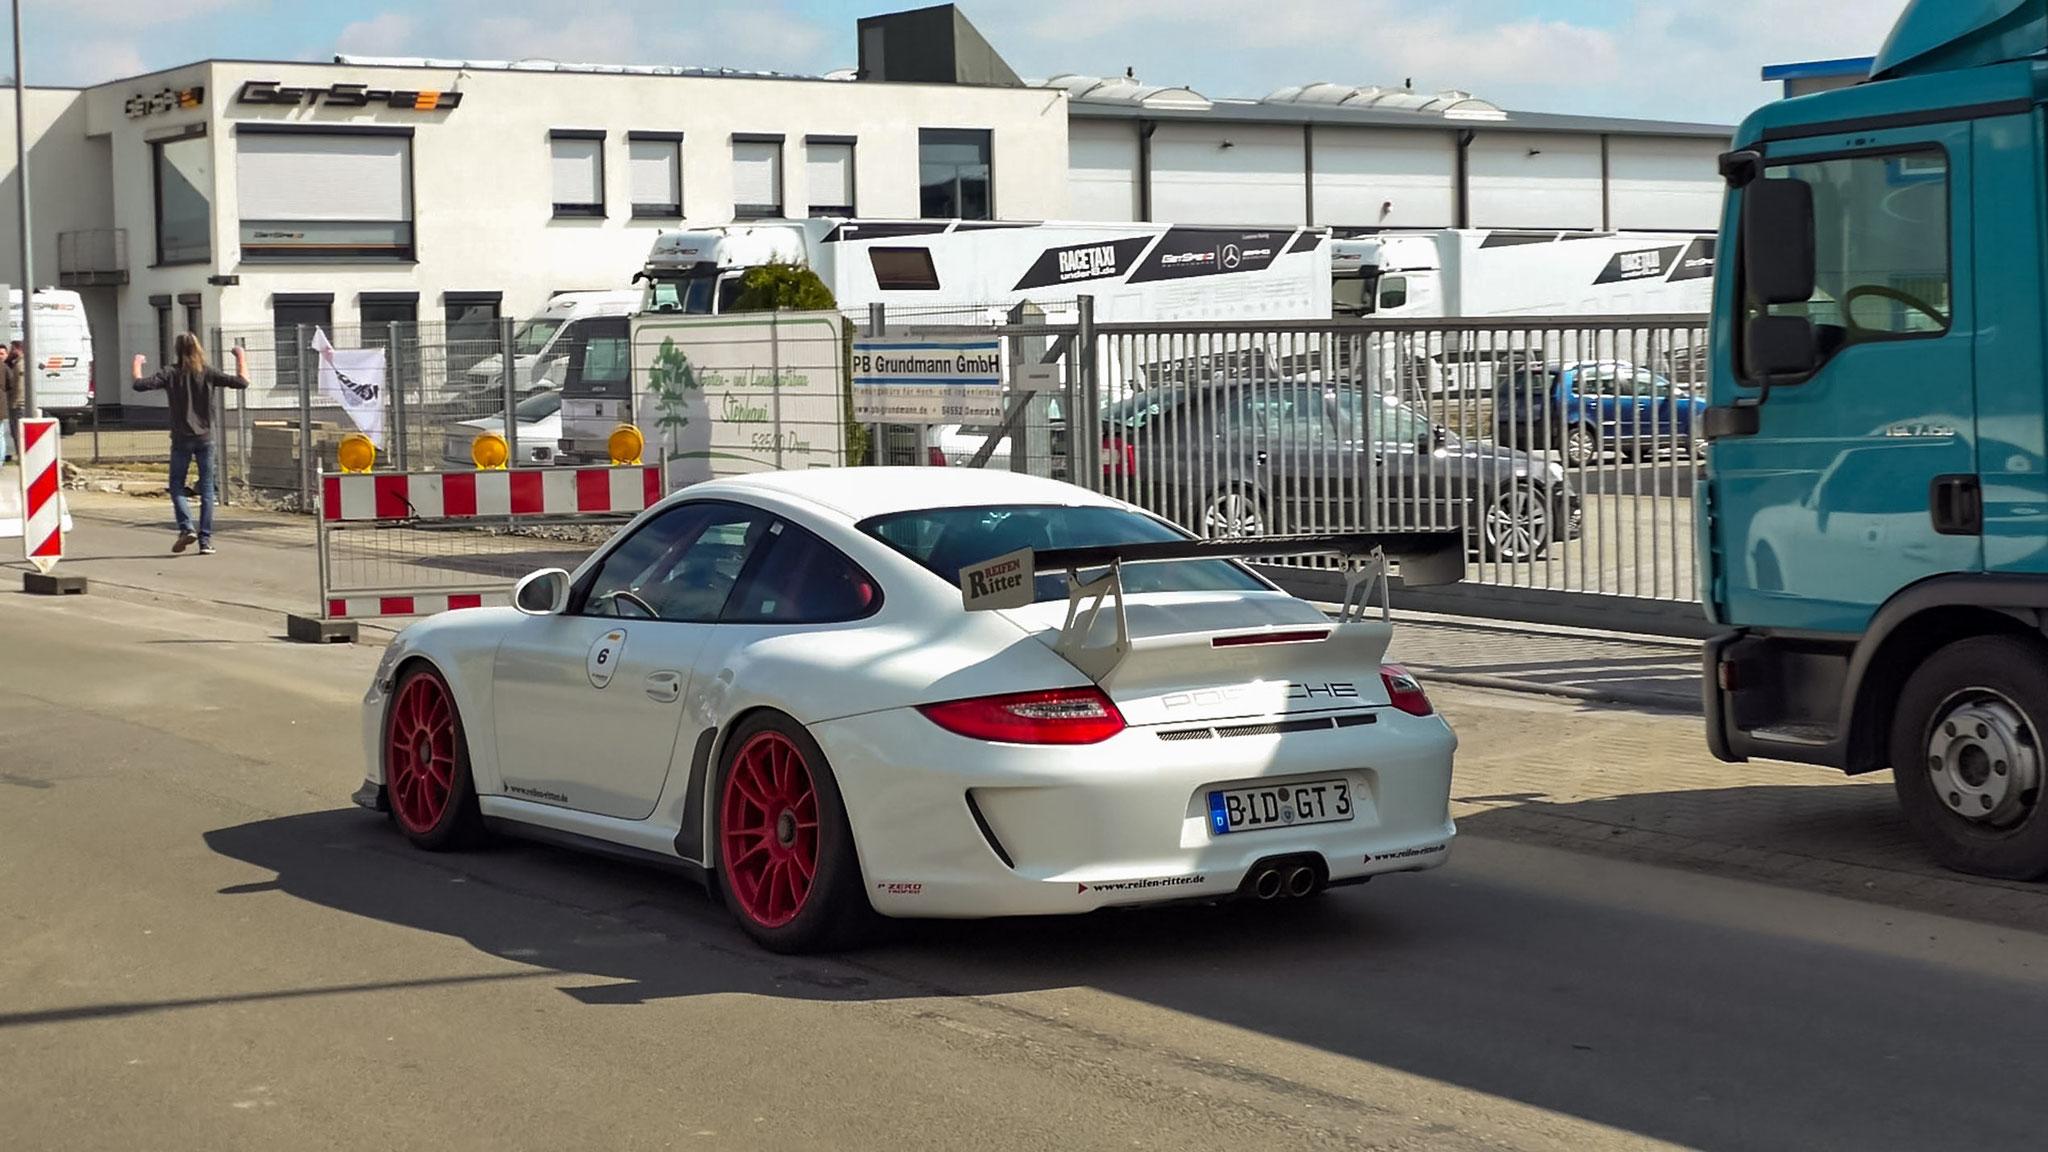 Porsche GT3 997 - BID-GT-3